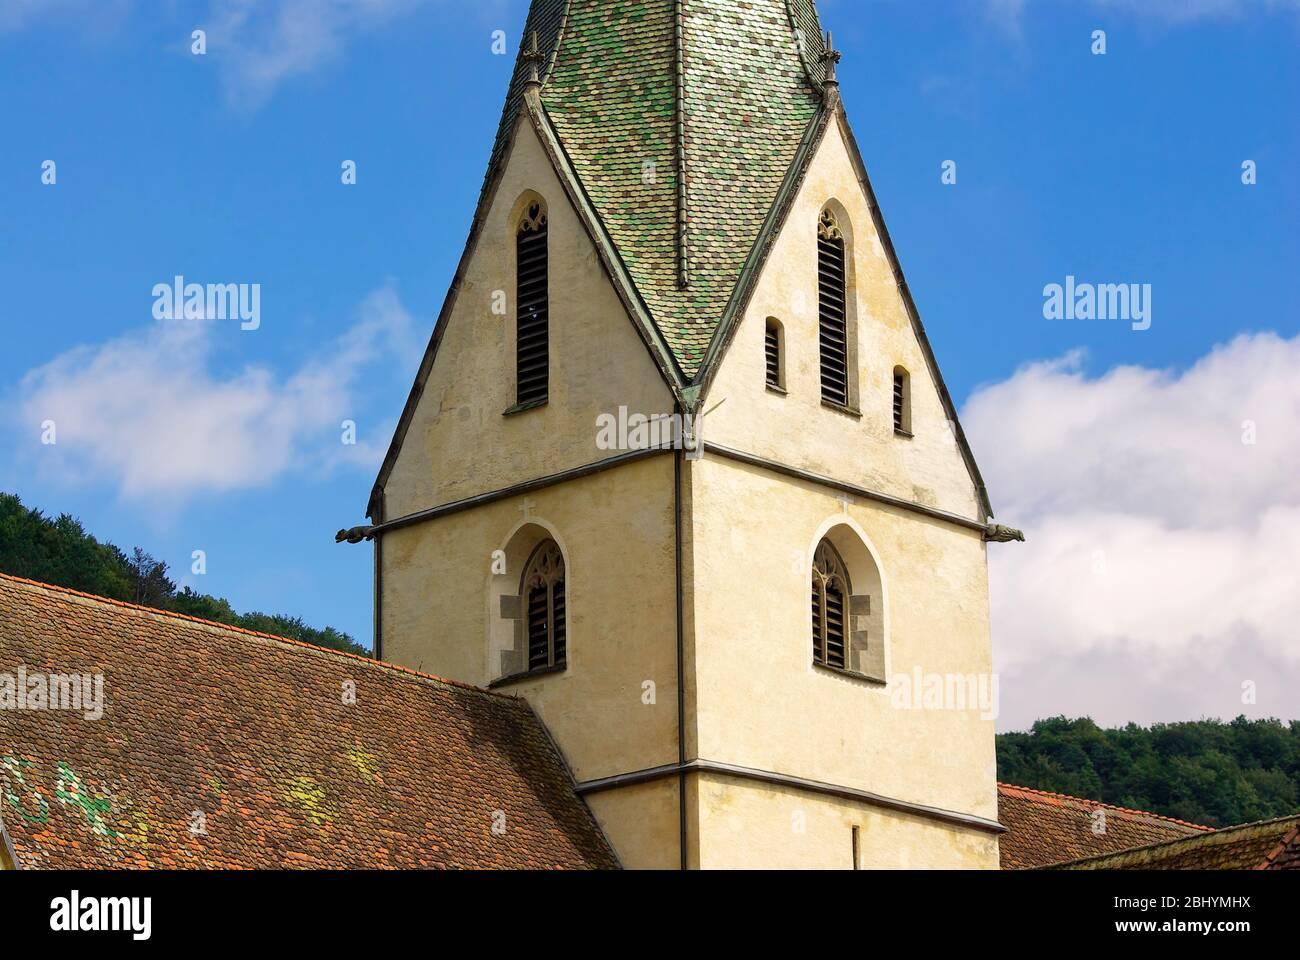 Particolare del tetto e del campanile della chiesa monastery dell'abbazia di Blaubeuren vicino Ulm, Baden-Wurttemberg, Germania. Foto Stock